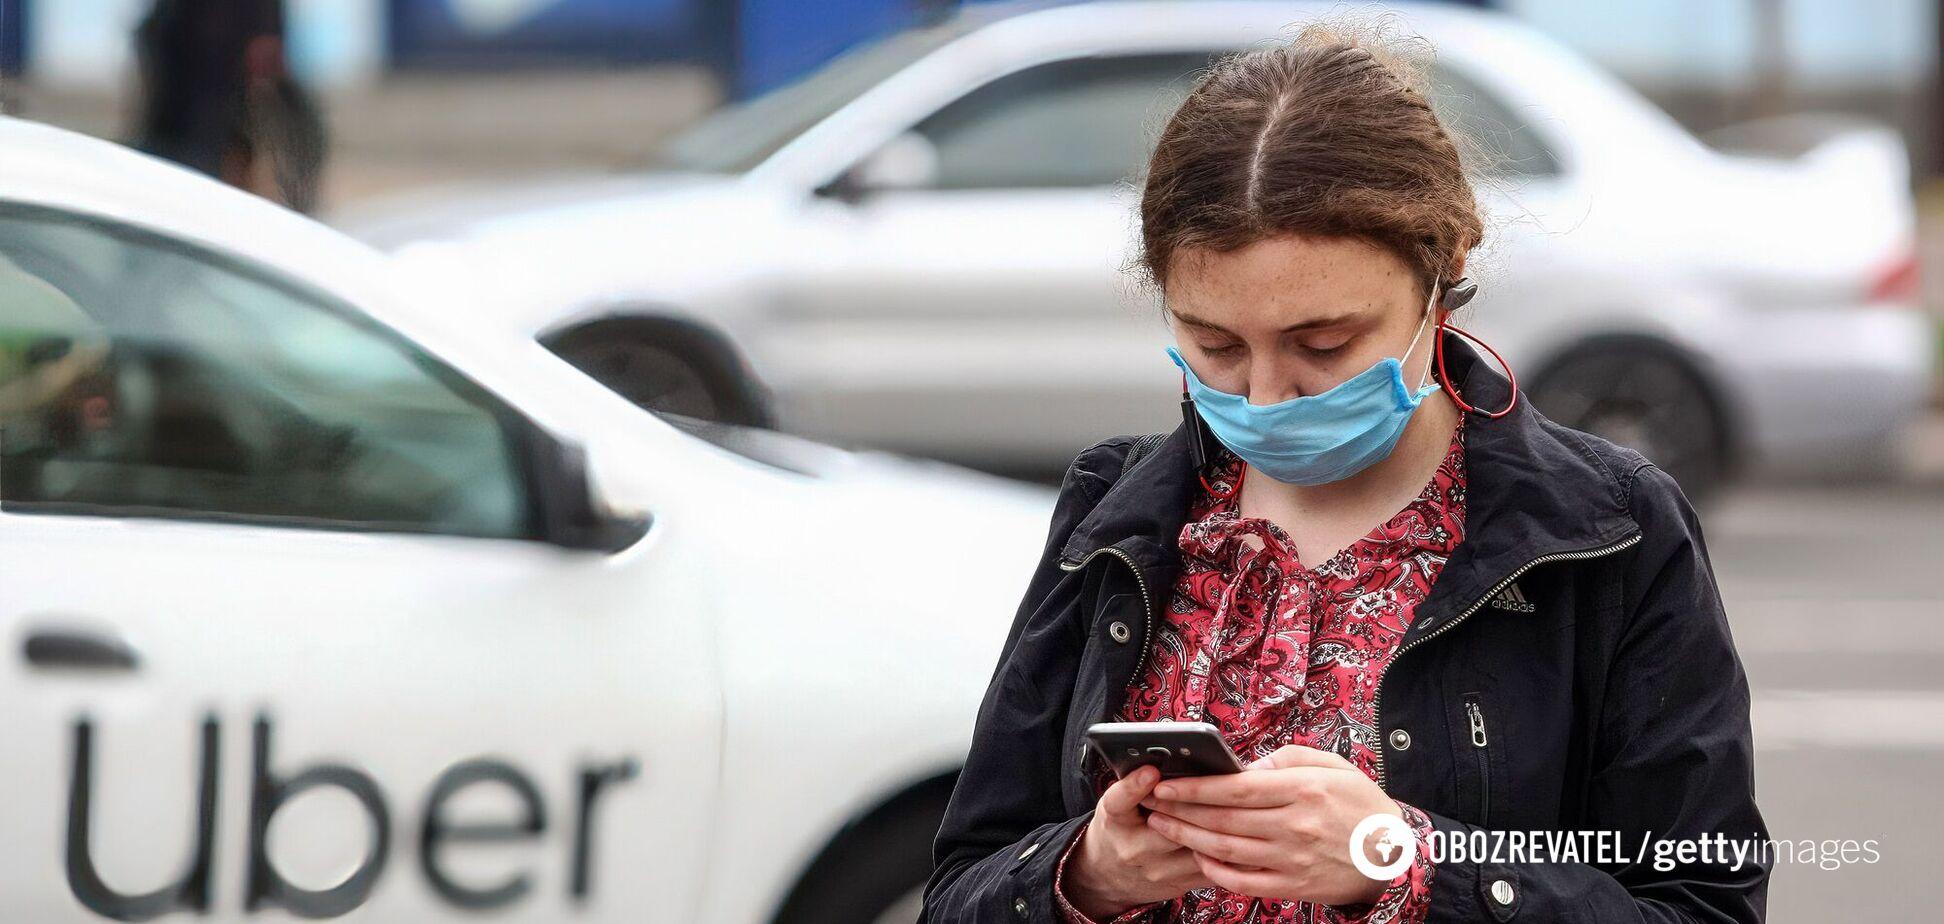 У Києві трапилася криза з таксі: нікому працювати в Uber, Bolt та Uklon